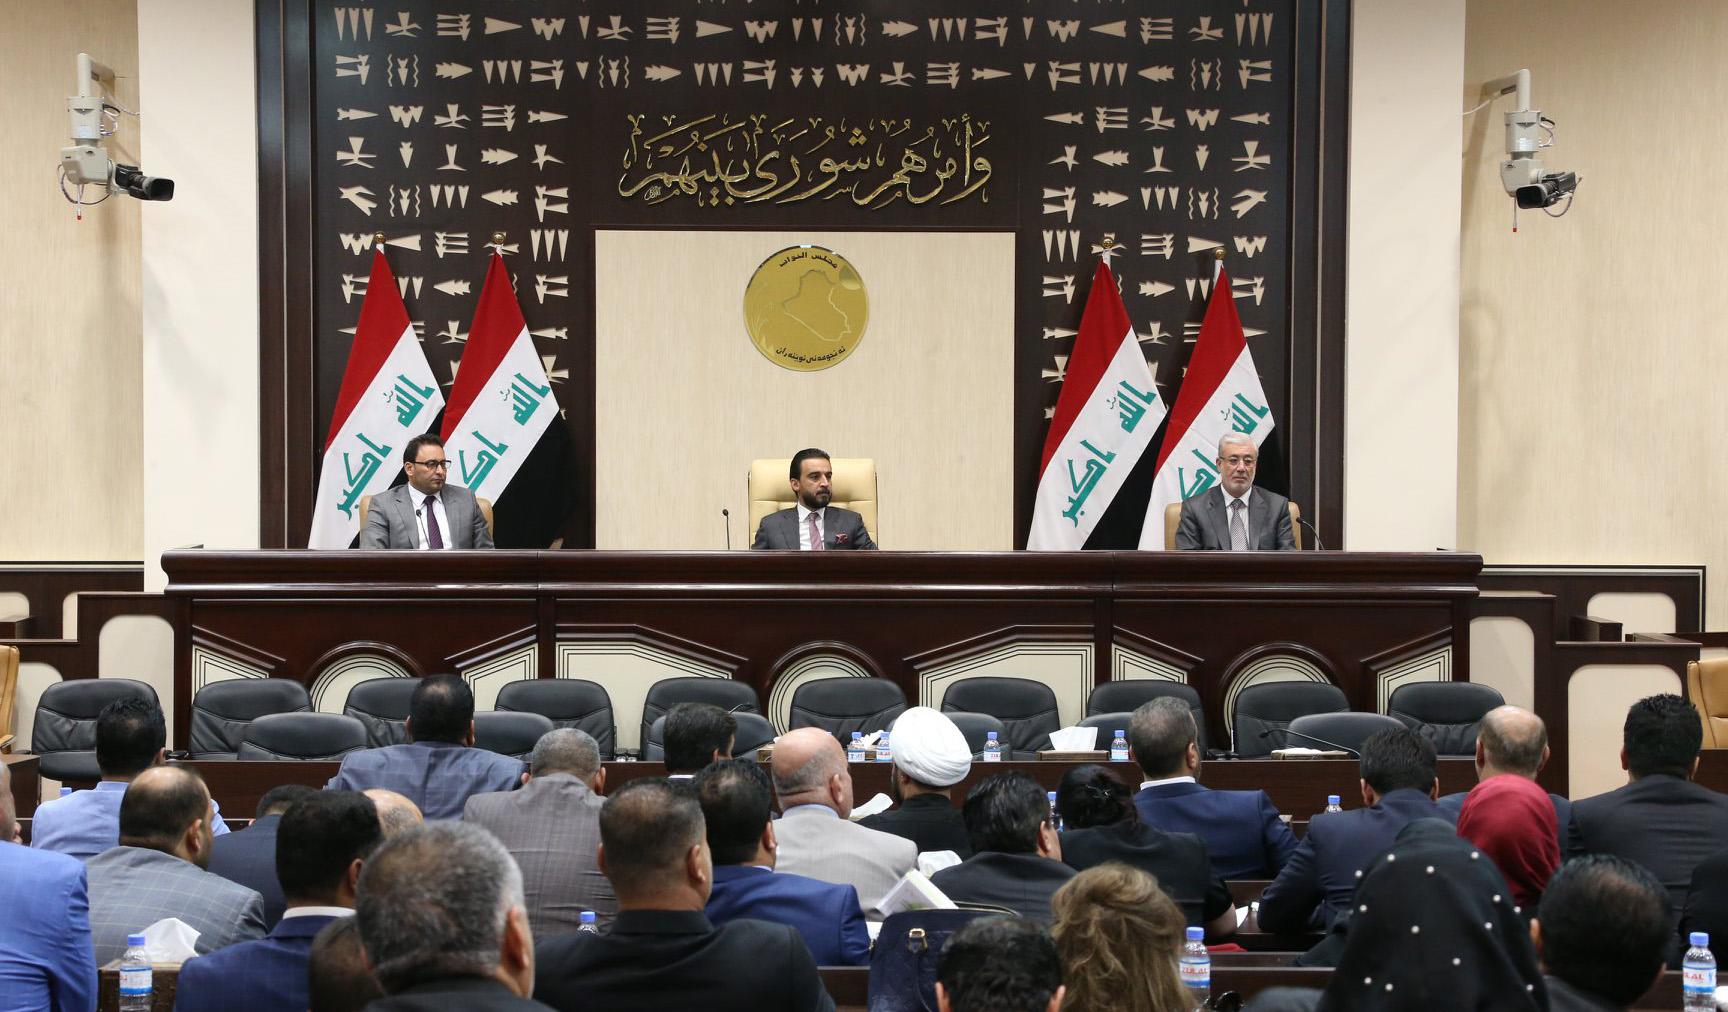 مجلس النواب يُنهي قراءته الاولى لمشروع قانون انتخابات البرلمان